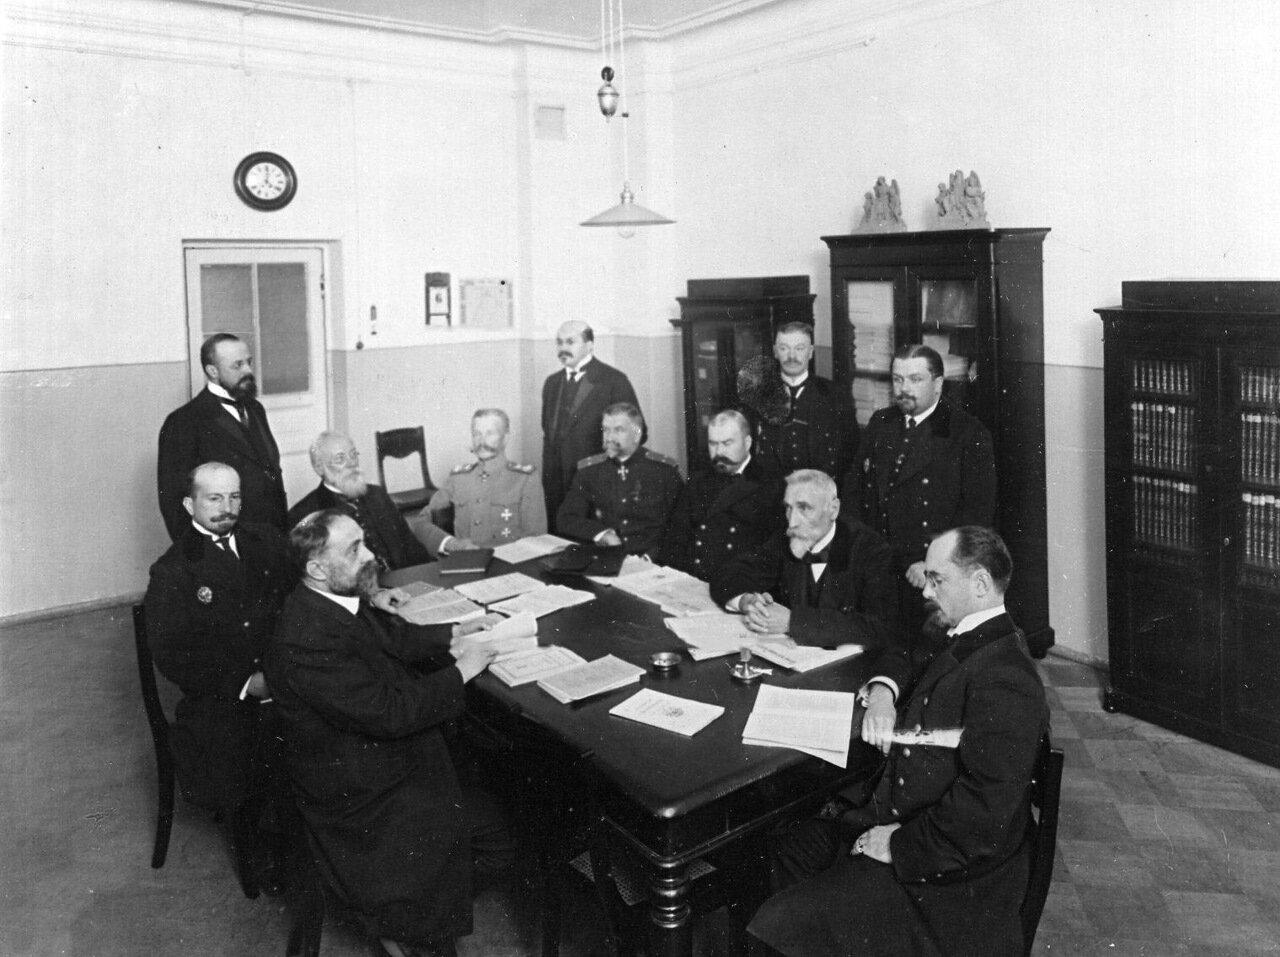 19. Группа преподавателей за столом в учительской комнате